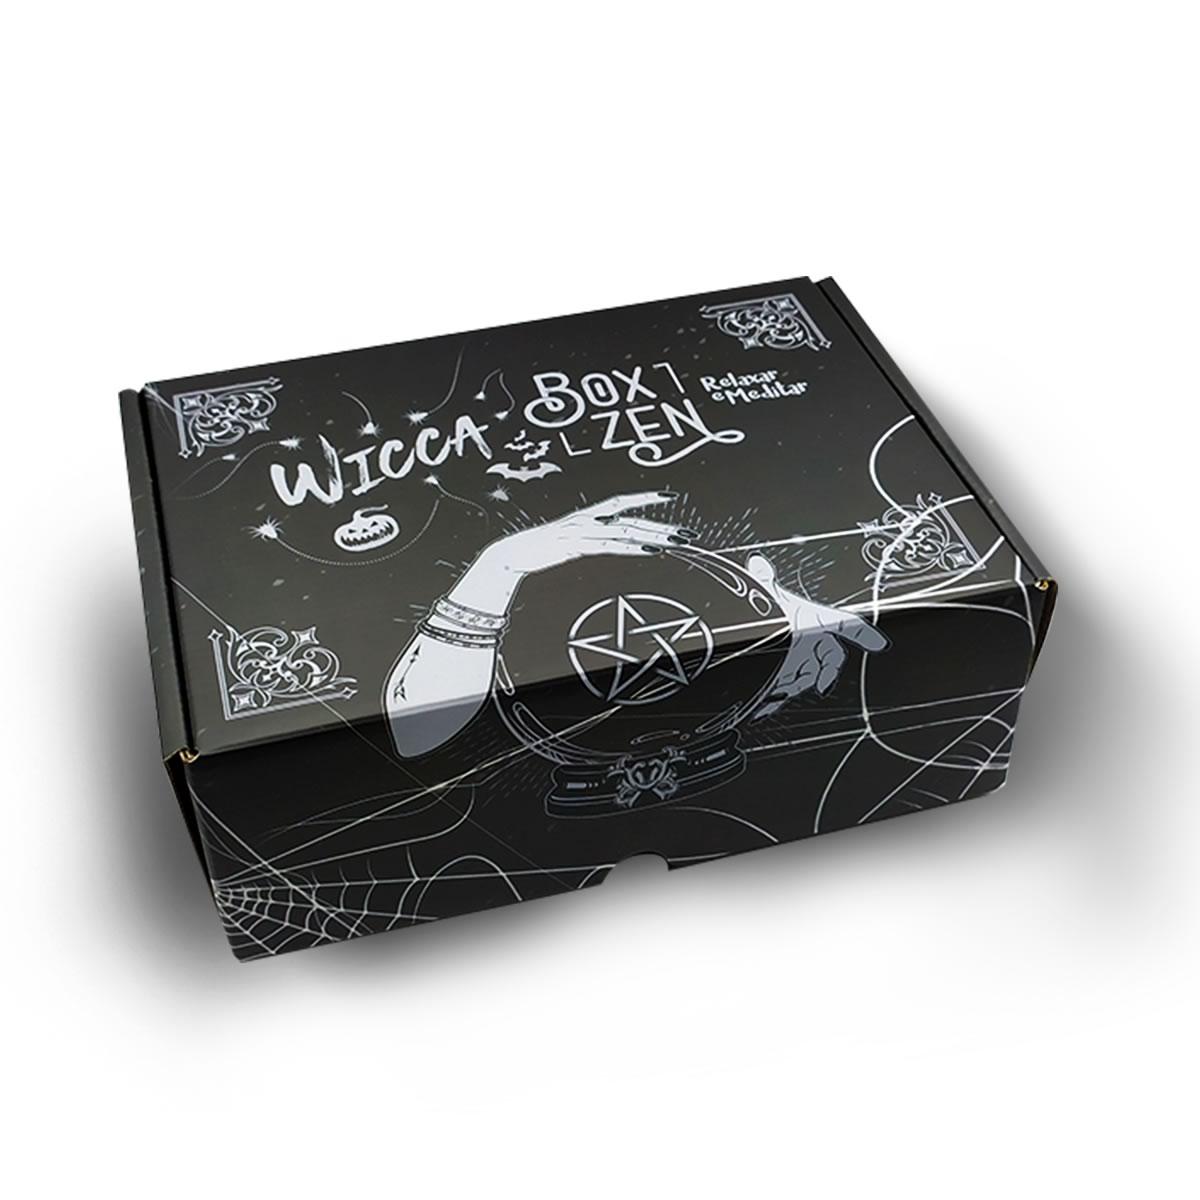 Box Zen - Kit de Produtos com Caixa Surpresa: Edição Wicca